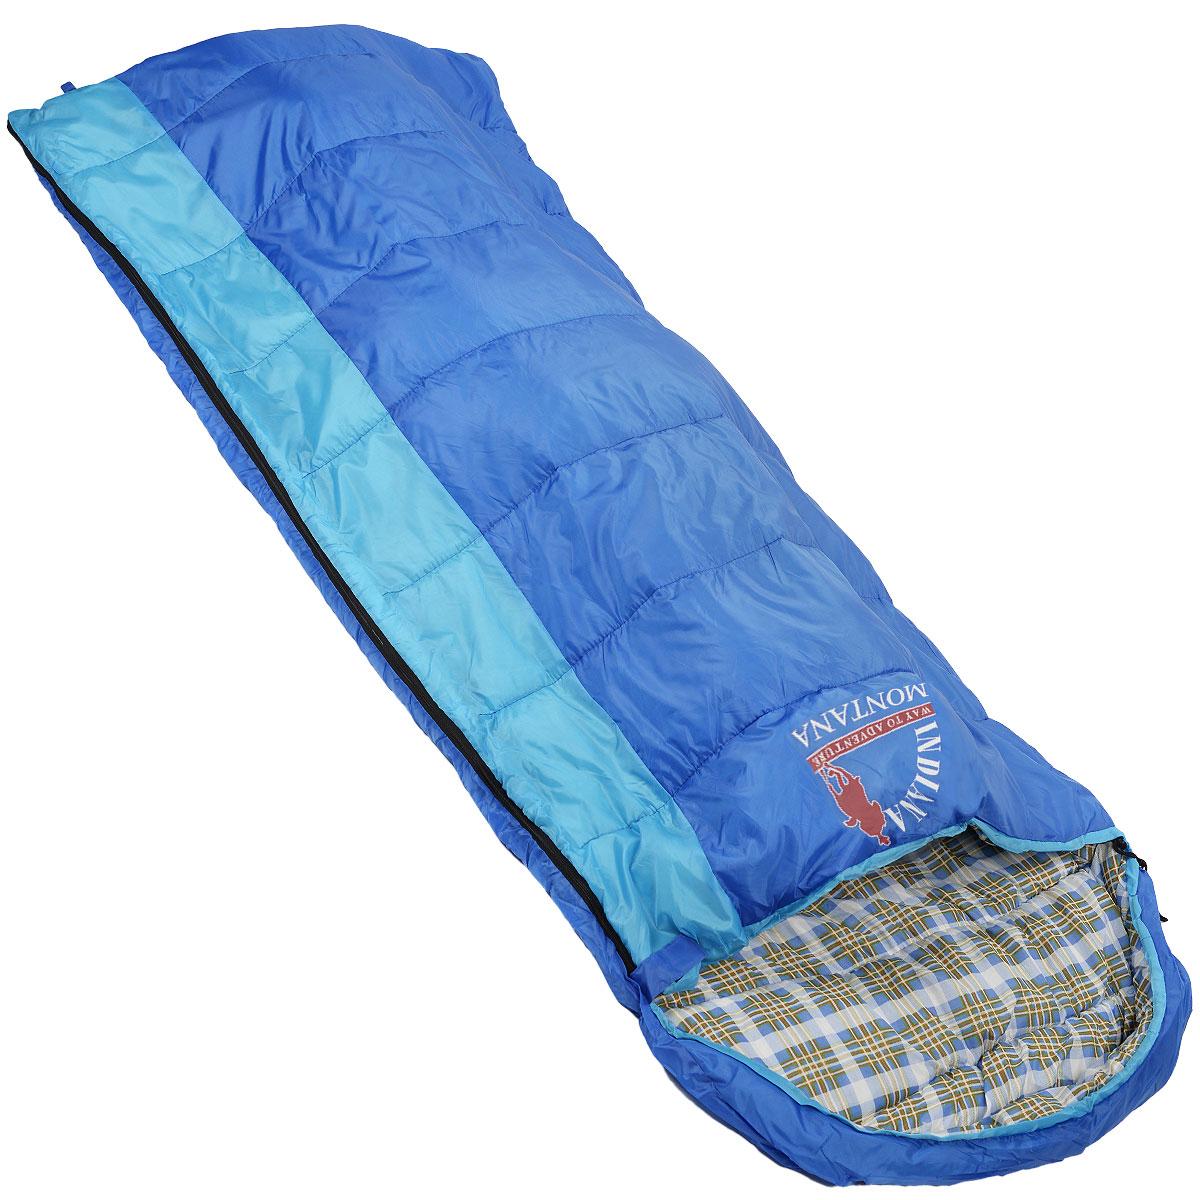 Спальный мешок-одеяло Indiana Montana L-zip от -4 C, цвет: синий, голубой, левосторонняя молния, 180+35 см х 90 см360700034Данная модель предусмотрена для холодного времени года, так как рассчитана на температуру до -4° C. Увеличенные размеры, возможность состегивания двух спальных мешков с правой и левой молнией, делают спальный мешок MONTANA оптимальным выбором для отдых а на природе, туризма и кемпинга в том числе и в холодное время года.Слой синтетического утеплителя контролирует терморегуляцию внутри спального мешка, поддерживая в нем необходимую температуру независимо от значения температуры окружающего воздуха.Коконообразная анатомическая форма обеспечивает плотное прилегание спального мешка, в то же время внутри него предусмотрено достаточно свободного места для комфортного сна.В сложенном виде мешок занимает очень мало места и весит совсем не много. Тип спального мешка: одеяло с капюшоном.Внешний материал: полиэстер. Внутренний материал: полиэстер.Что взять с собой в поход?. Статья OZON Гид